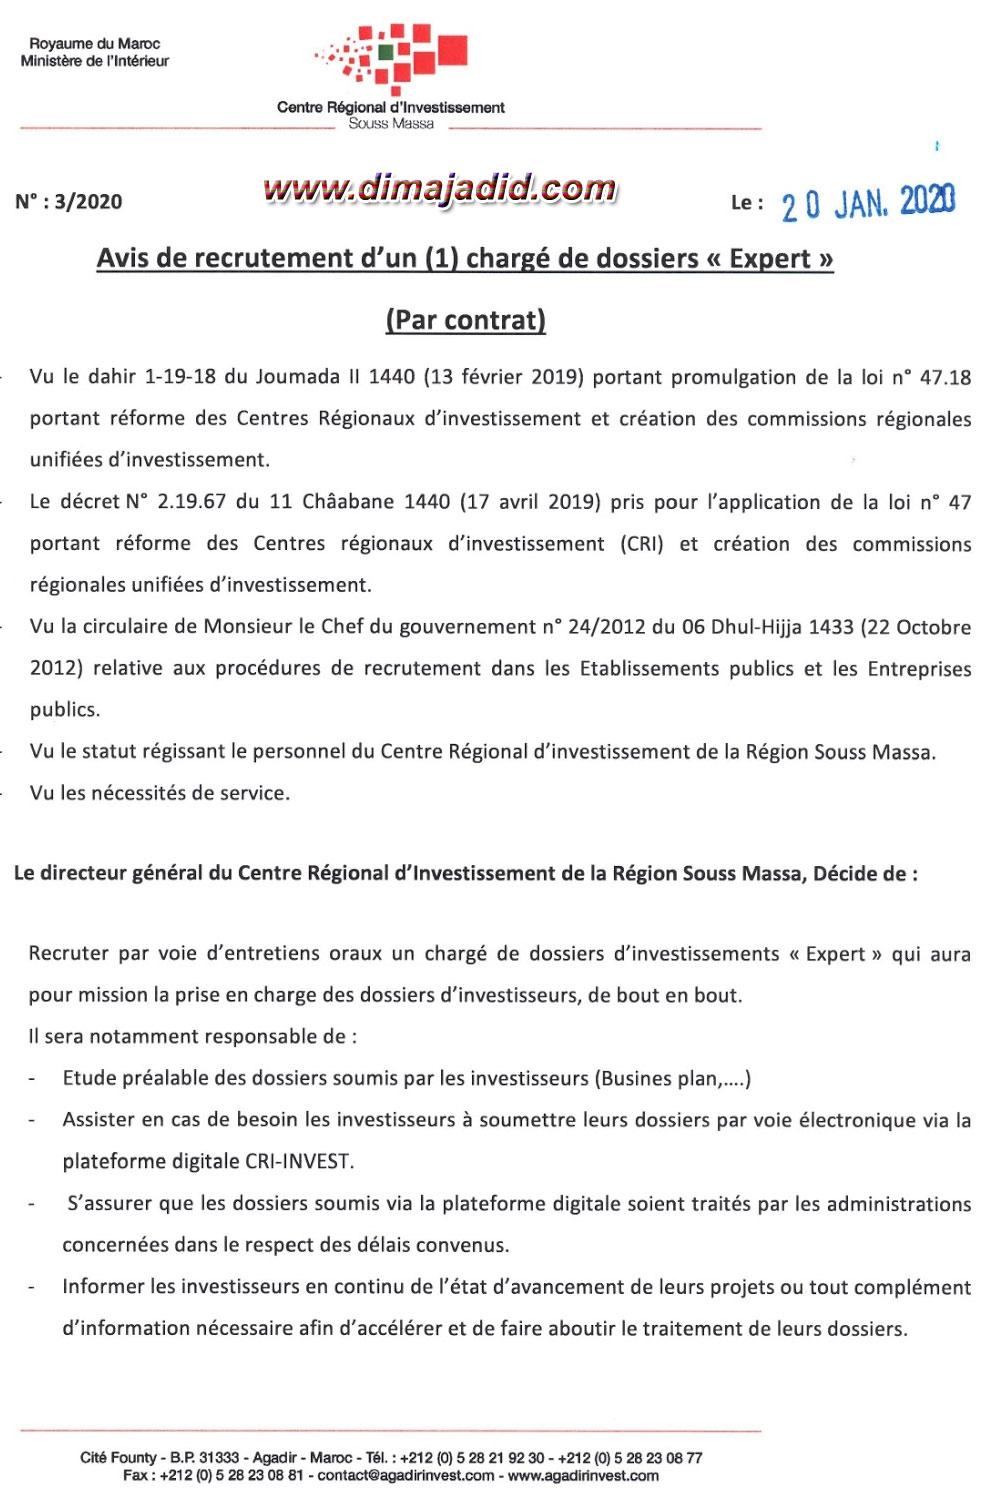 """Avis de recrutement d'un (01) Chargé de dossier """"Expert"""" (Par Contrat)"""